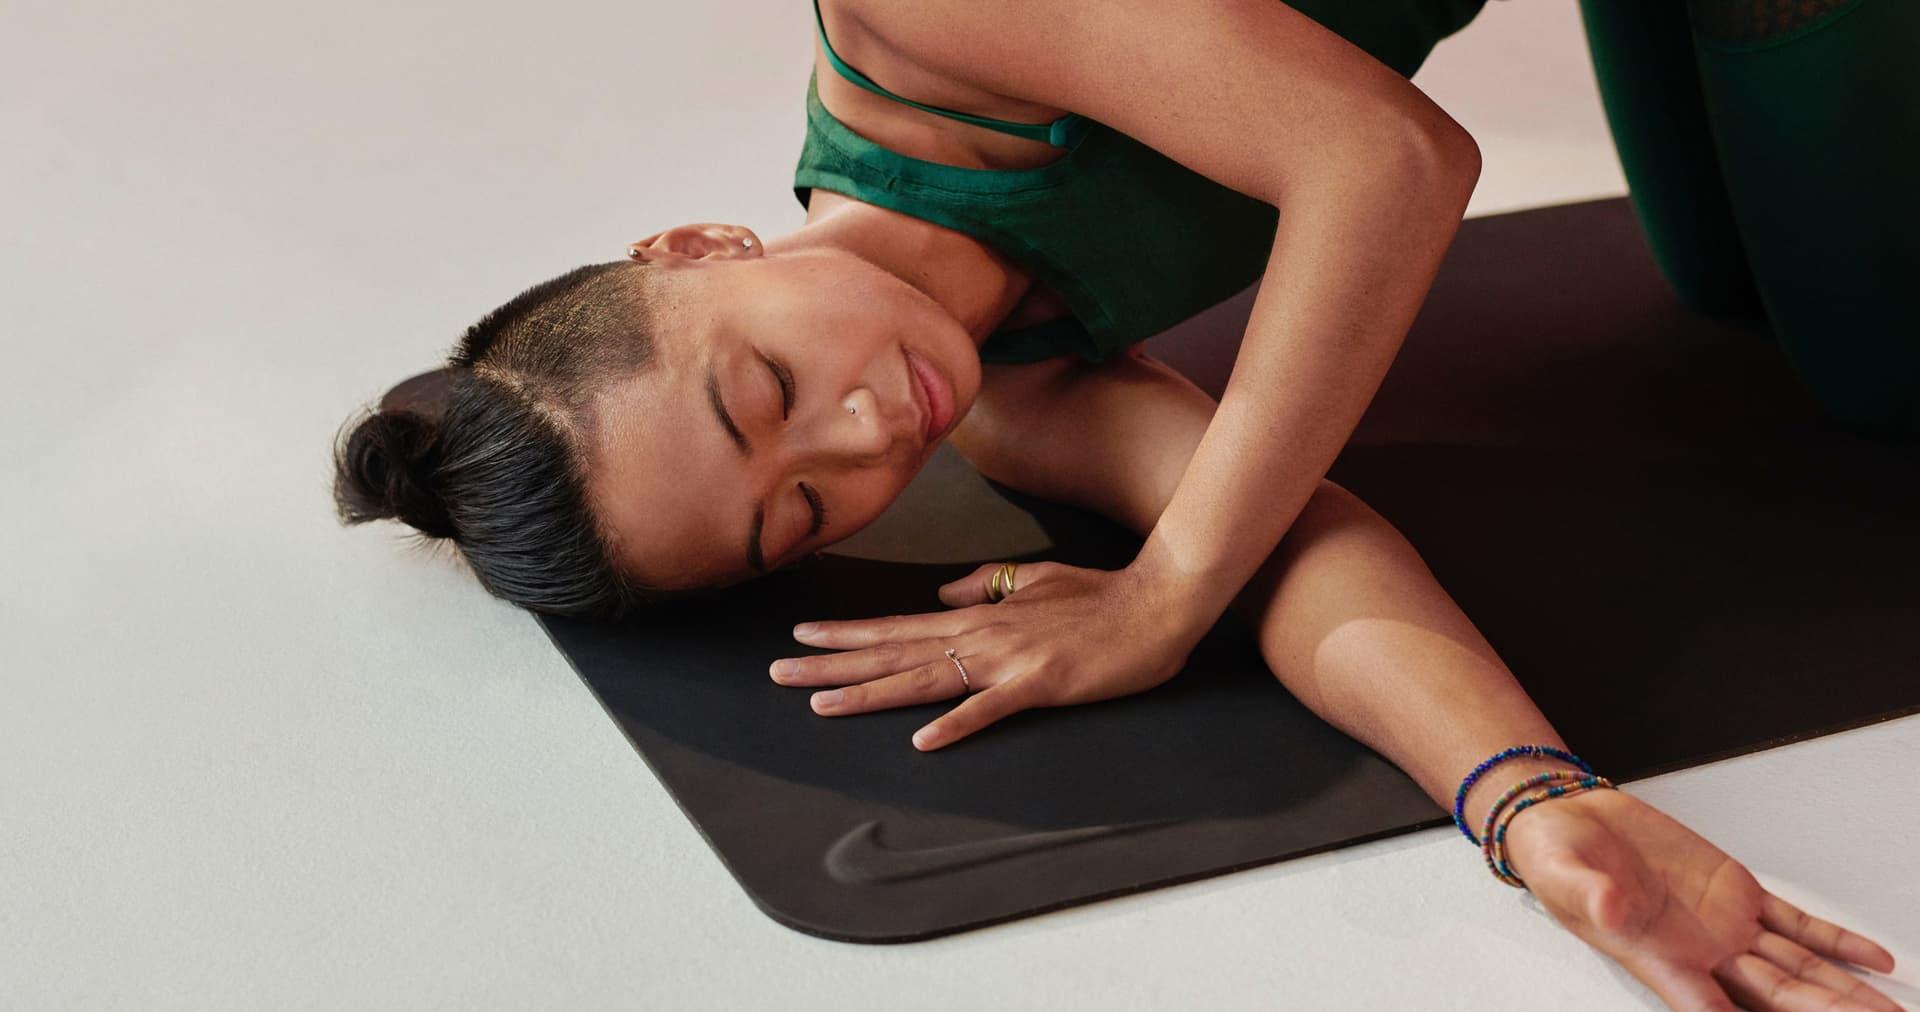 Las siete cosas que debes saber sobre la limpieza del tapete de yoga